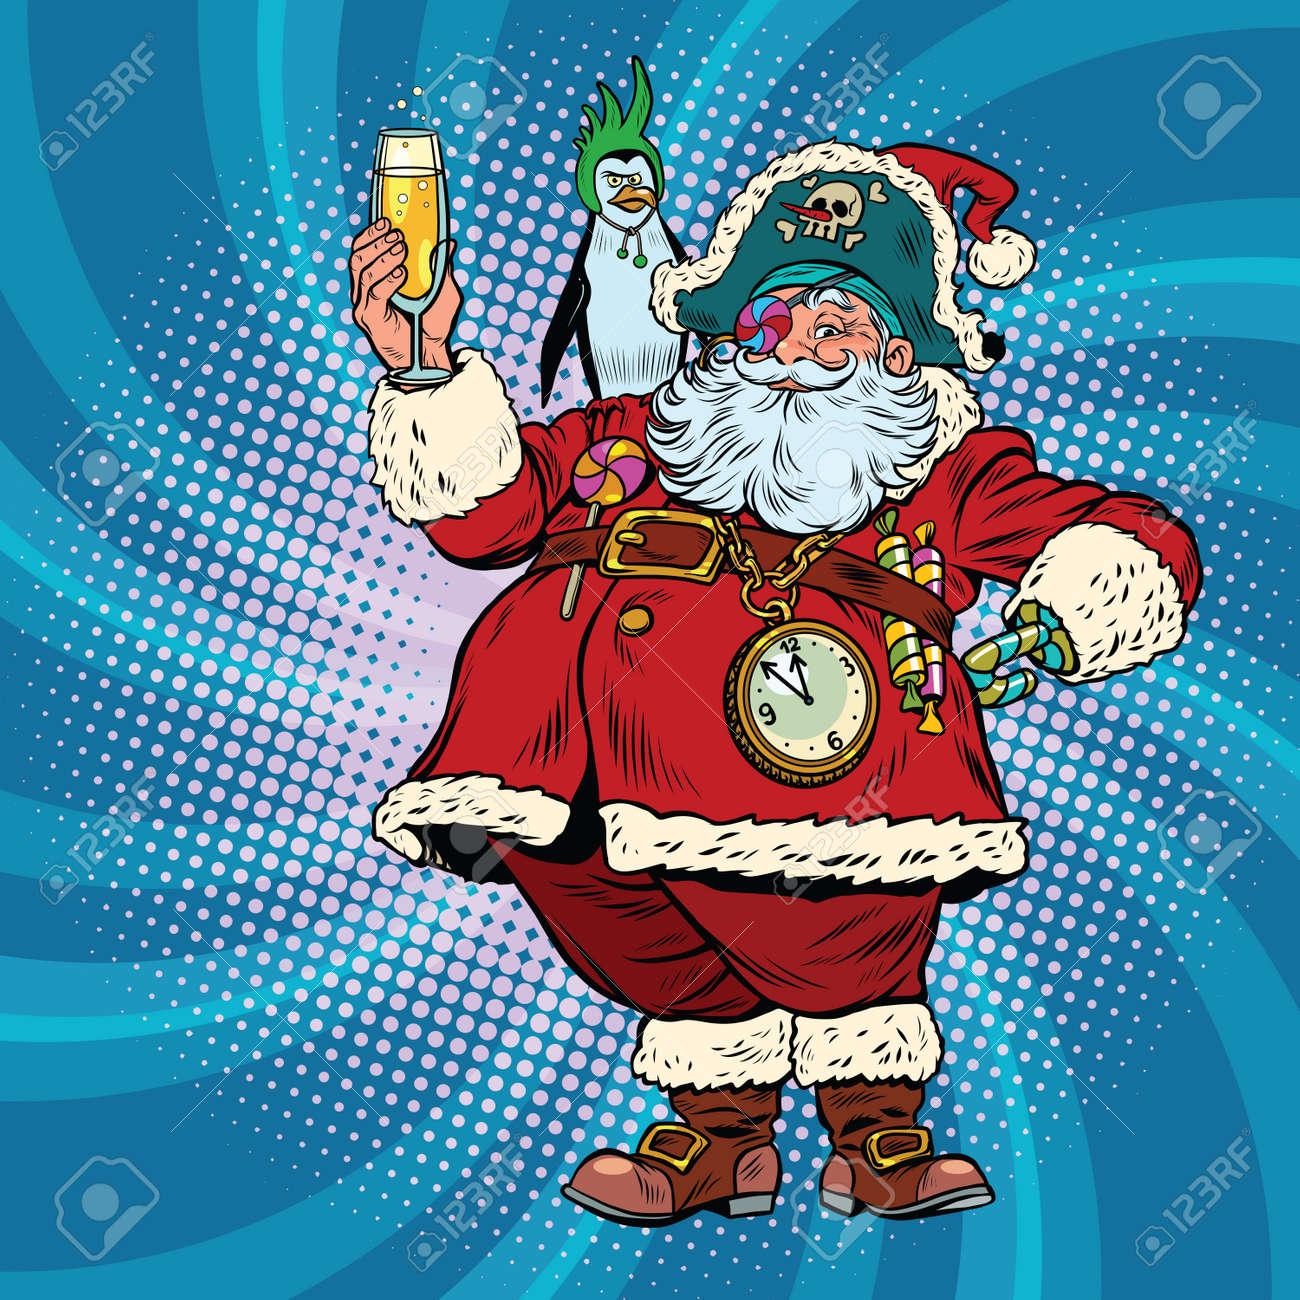 Weihnachtsmann Pirat Wünscht Frohe Weihnachten. Pop-Art Retro Vektor ...